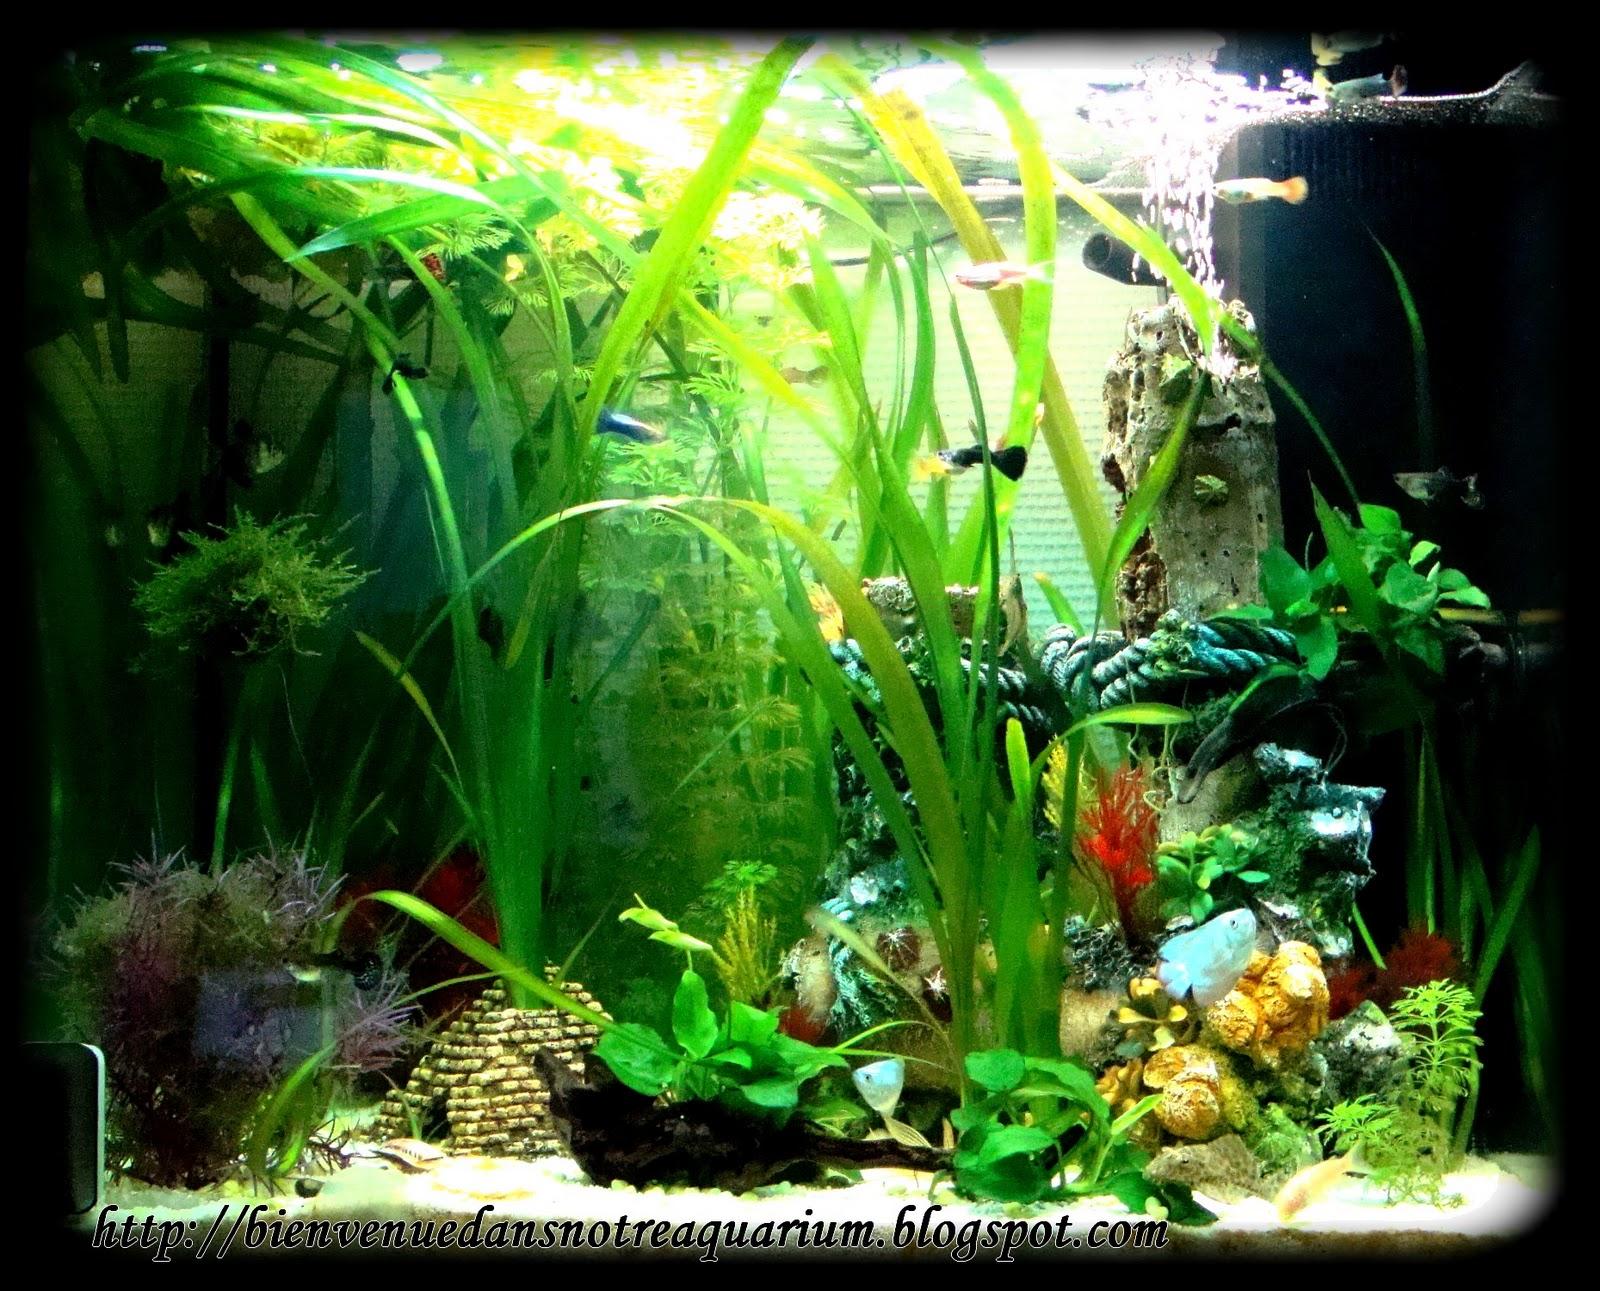 bienvenue dans notre aquarium notre bac bien plant cabomba anubias foug re mousse de. Black Bedroom Furniture Sets. Home Design Ideas